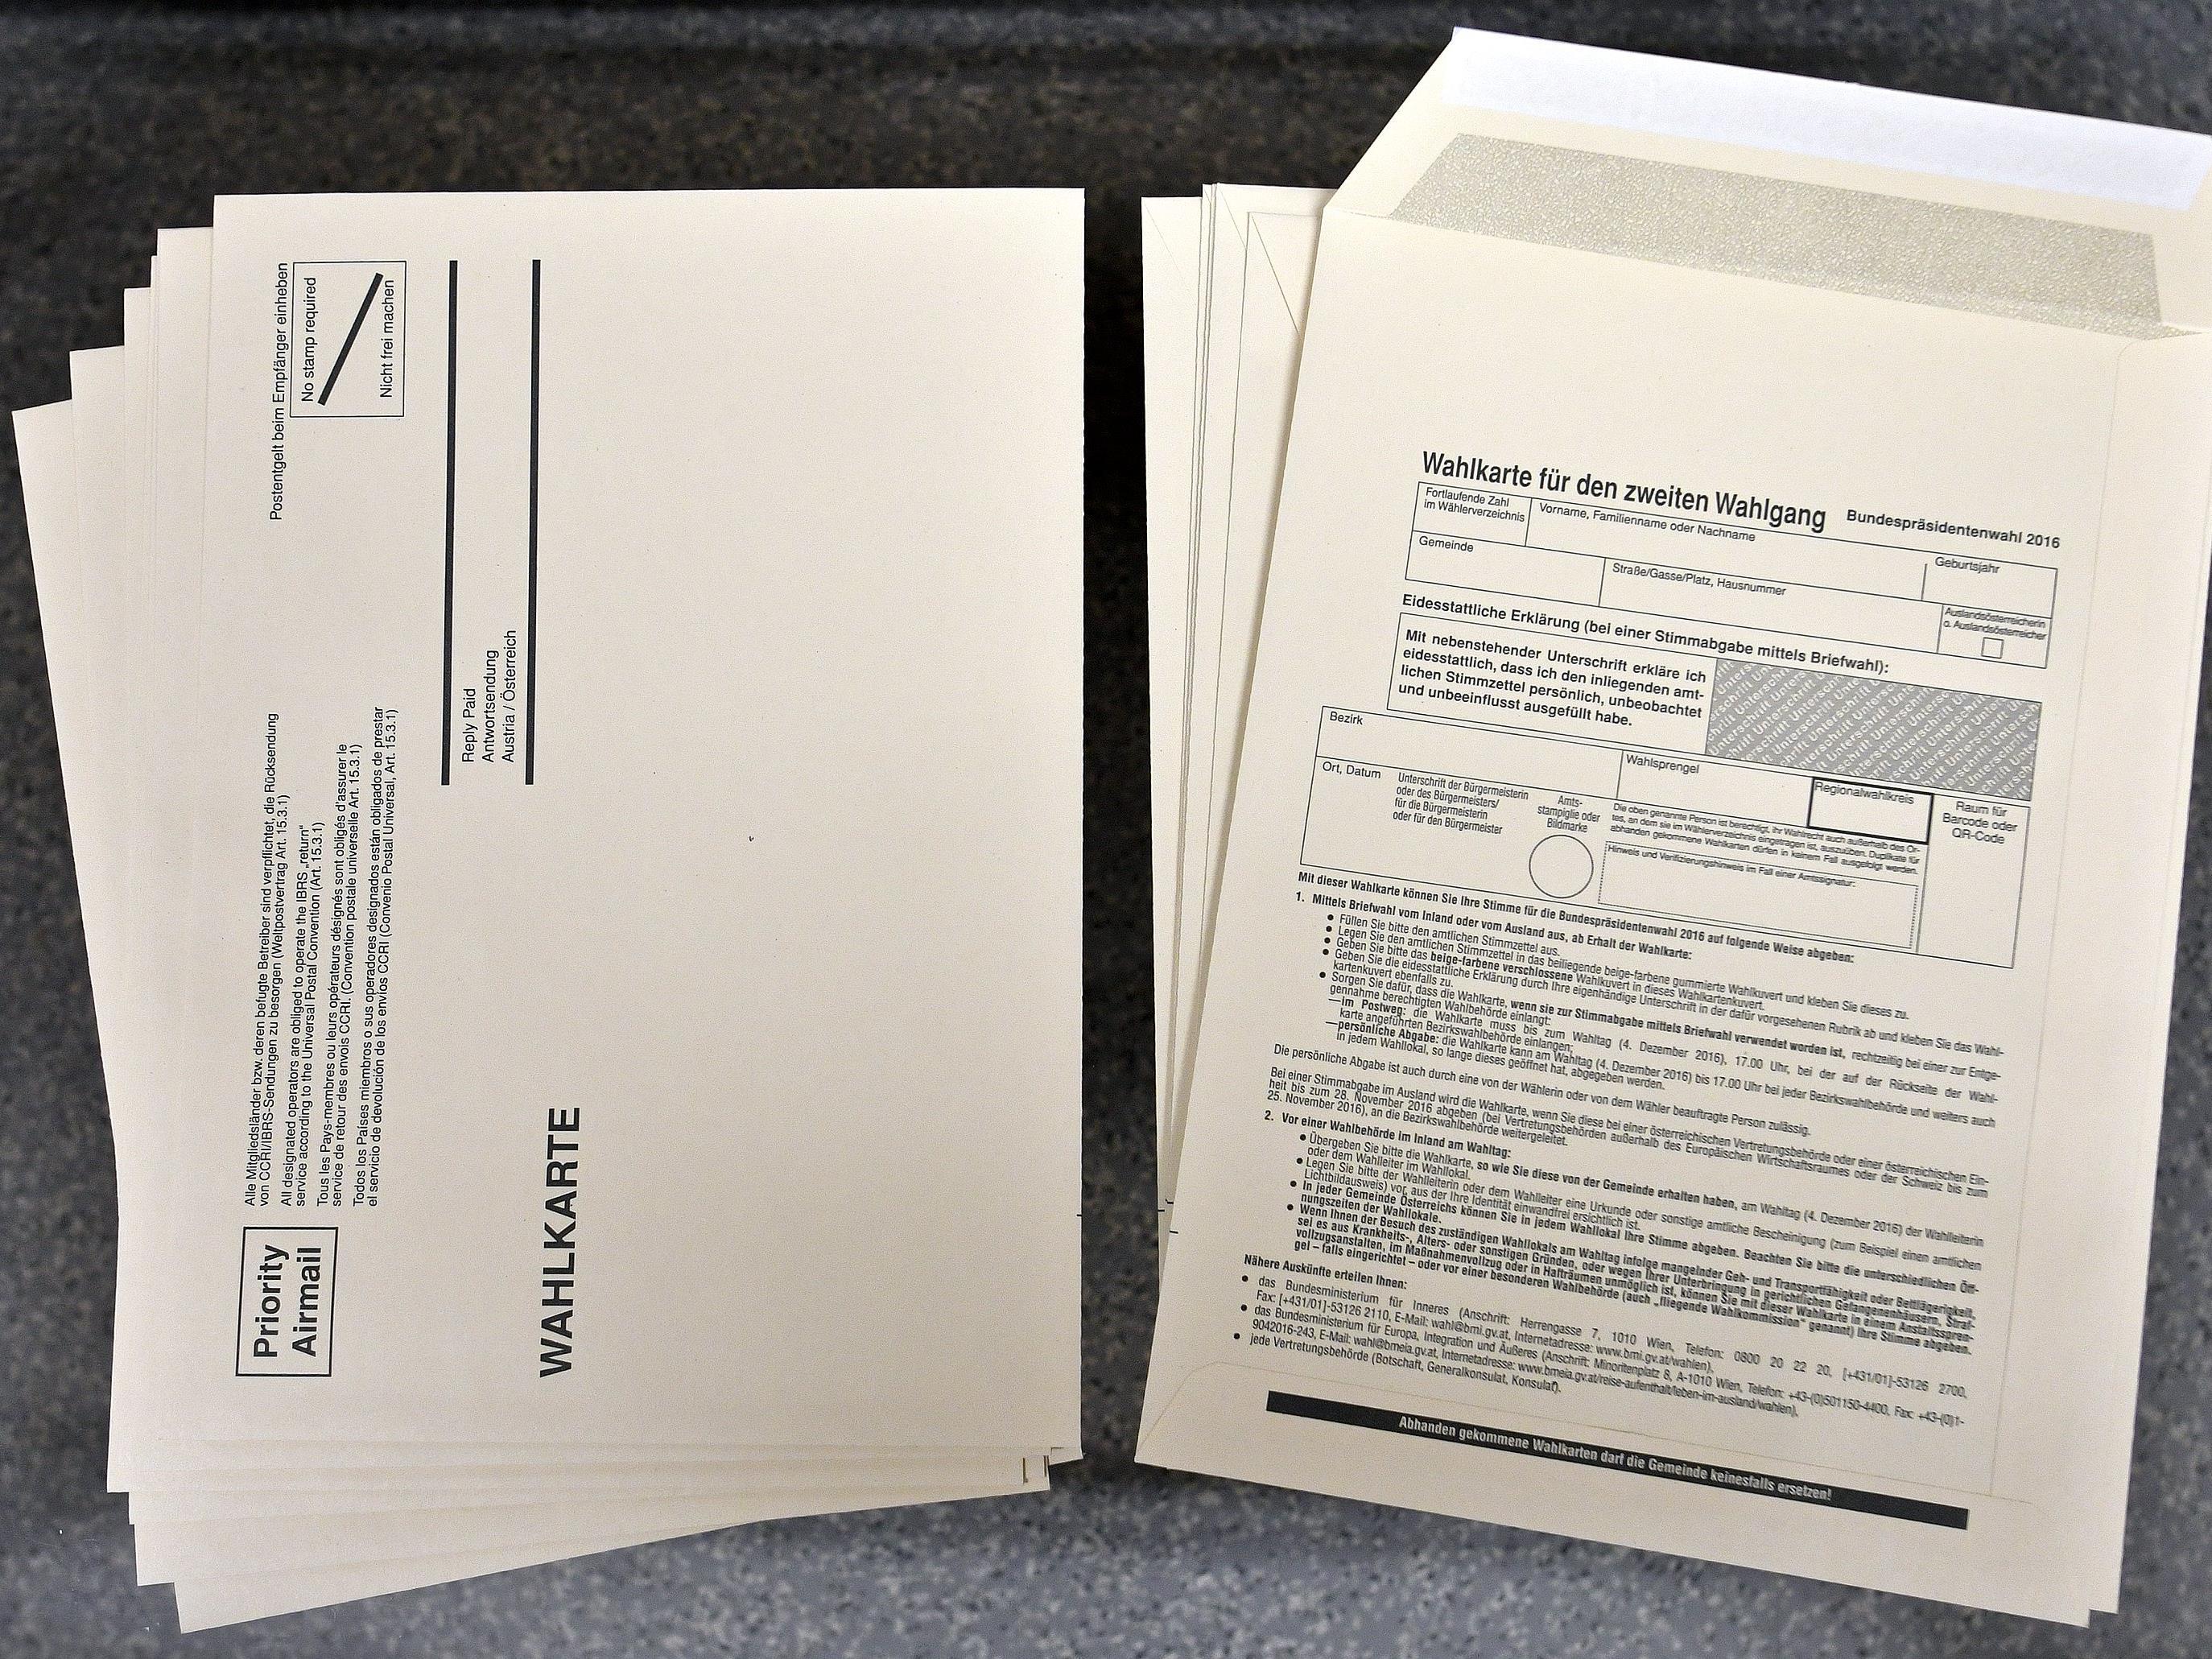 Stimmzettel und Wahlkarten-Kuverts sind für einen neuen Anlauf der Wahl bereit.